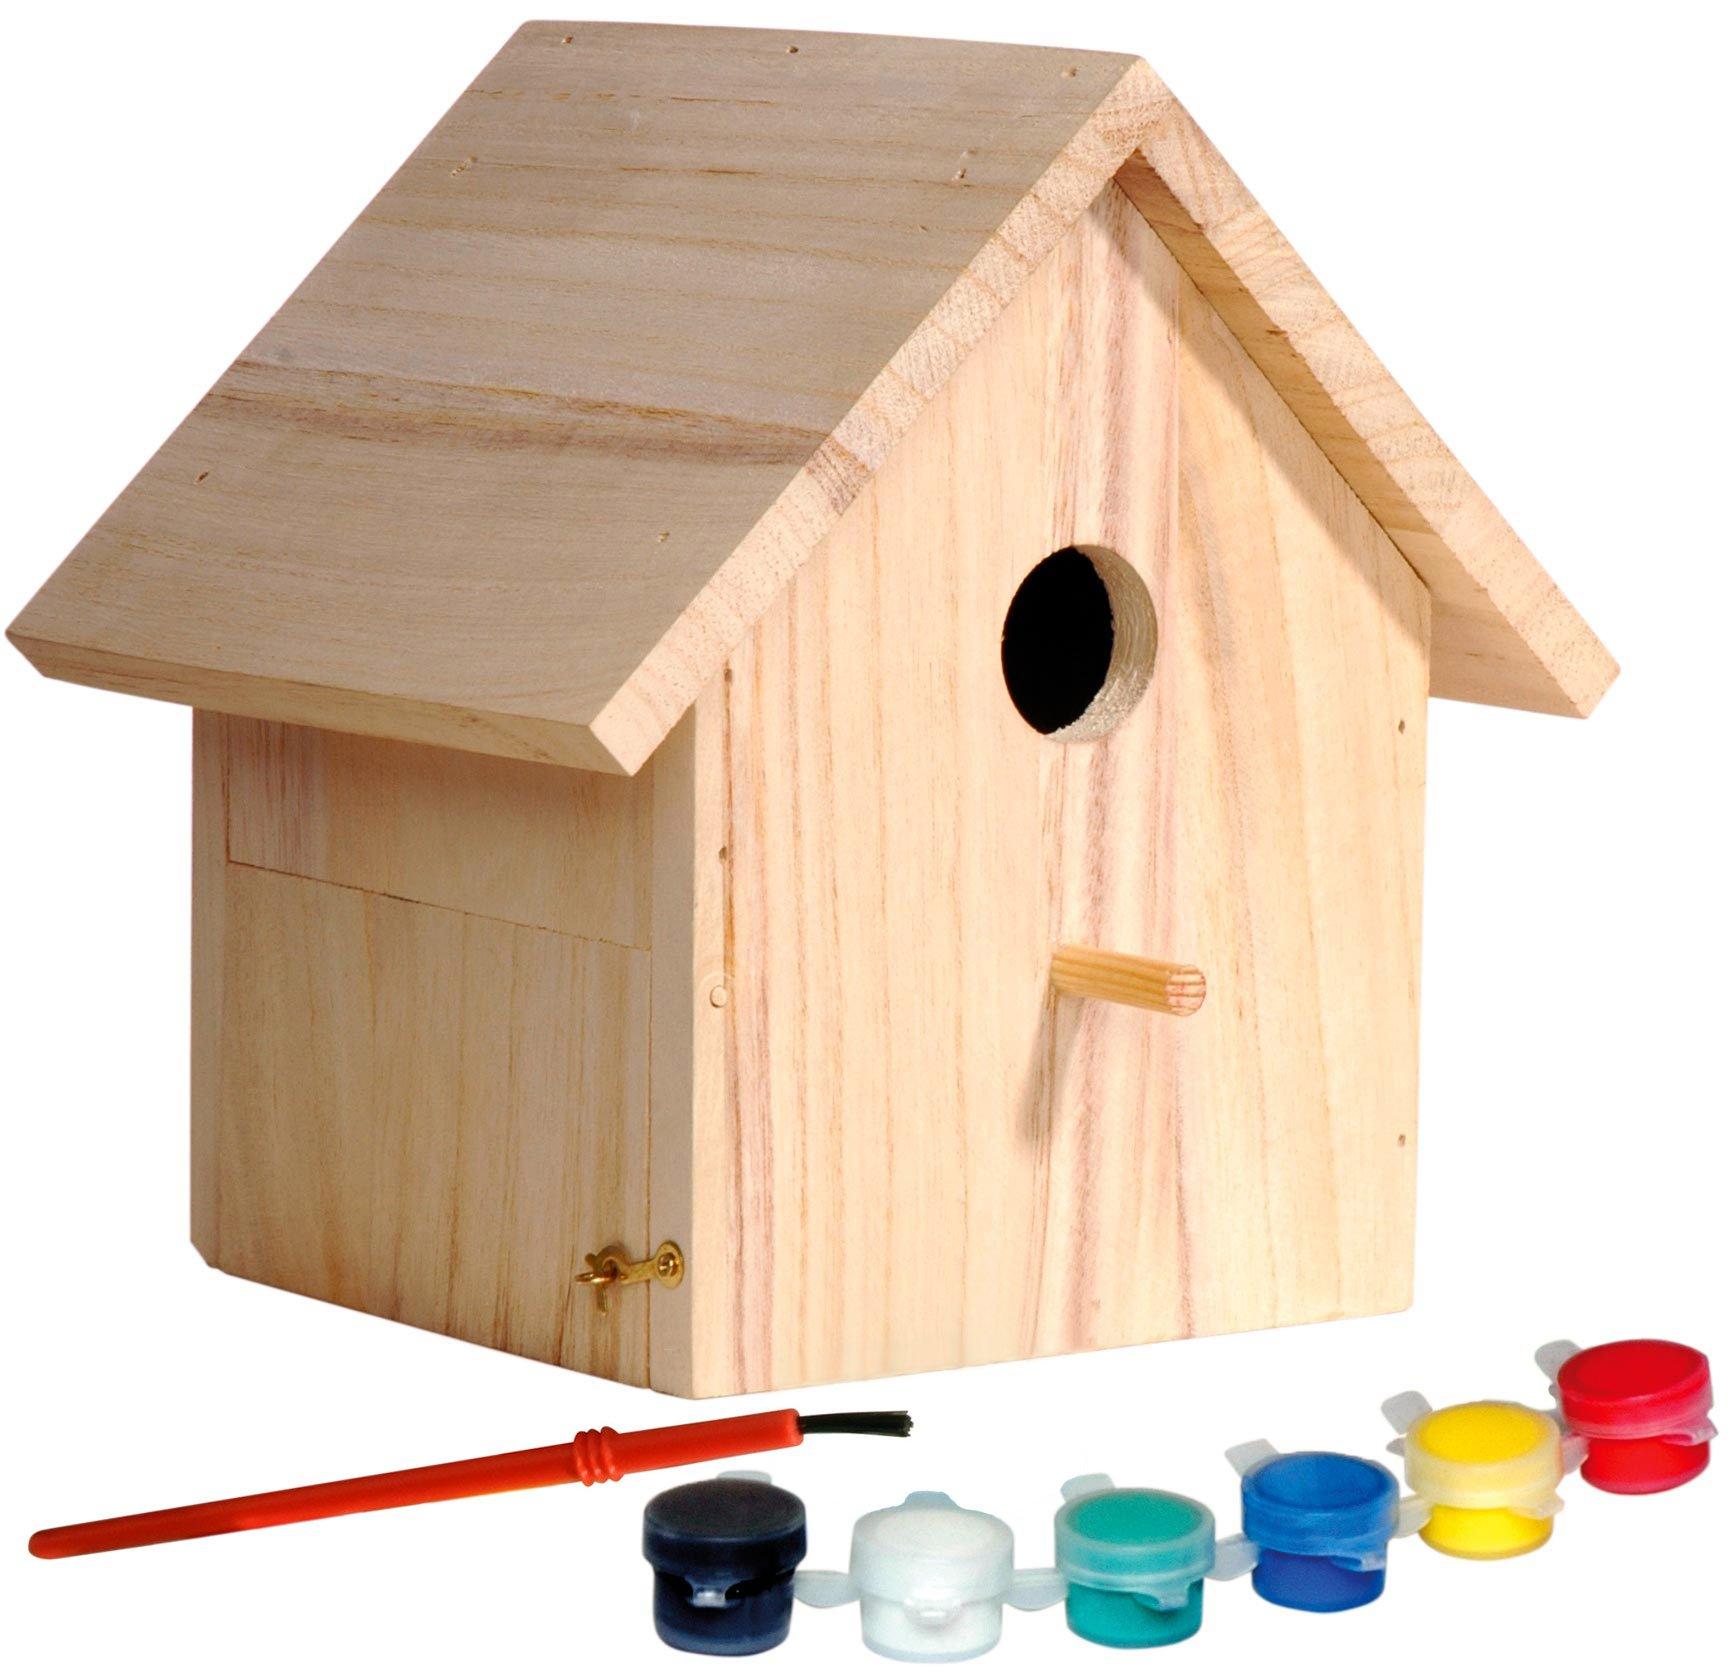 dobar 22368FSC, casetta Decorativa per Uccelli in Legno di Abete Rosso Certificato FSC, Set Artigianale per Bambini per…